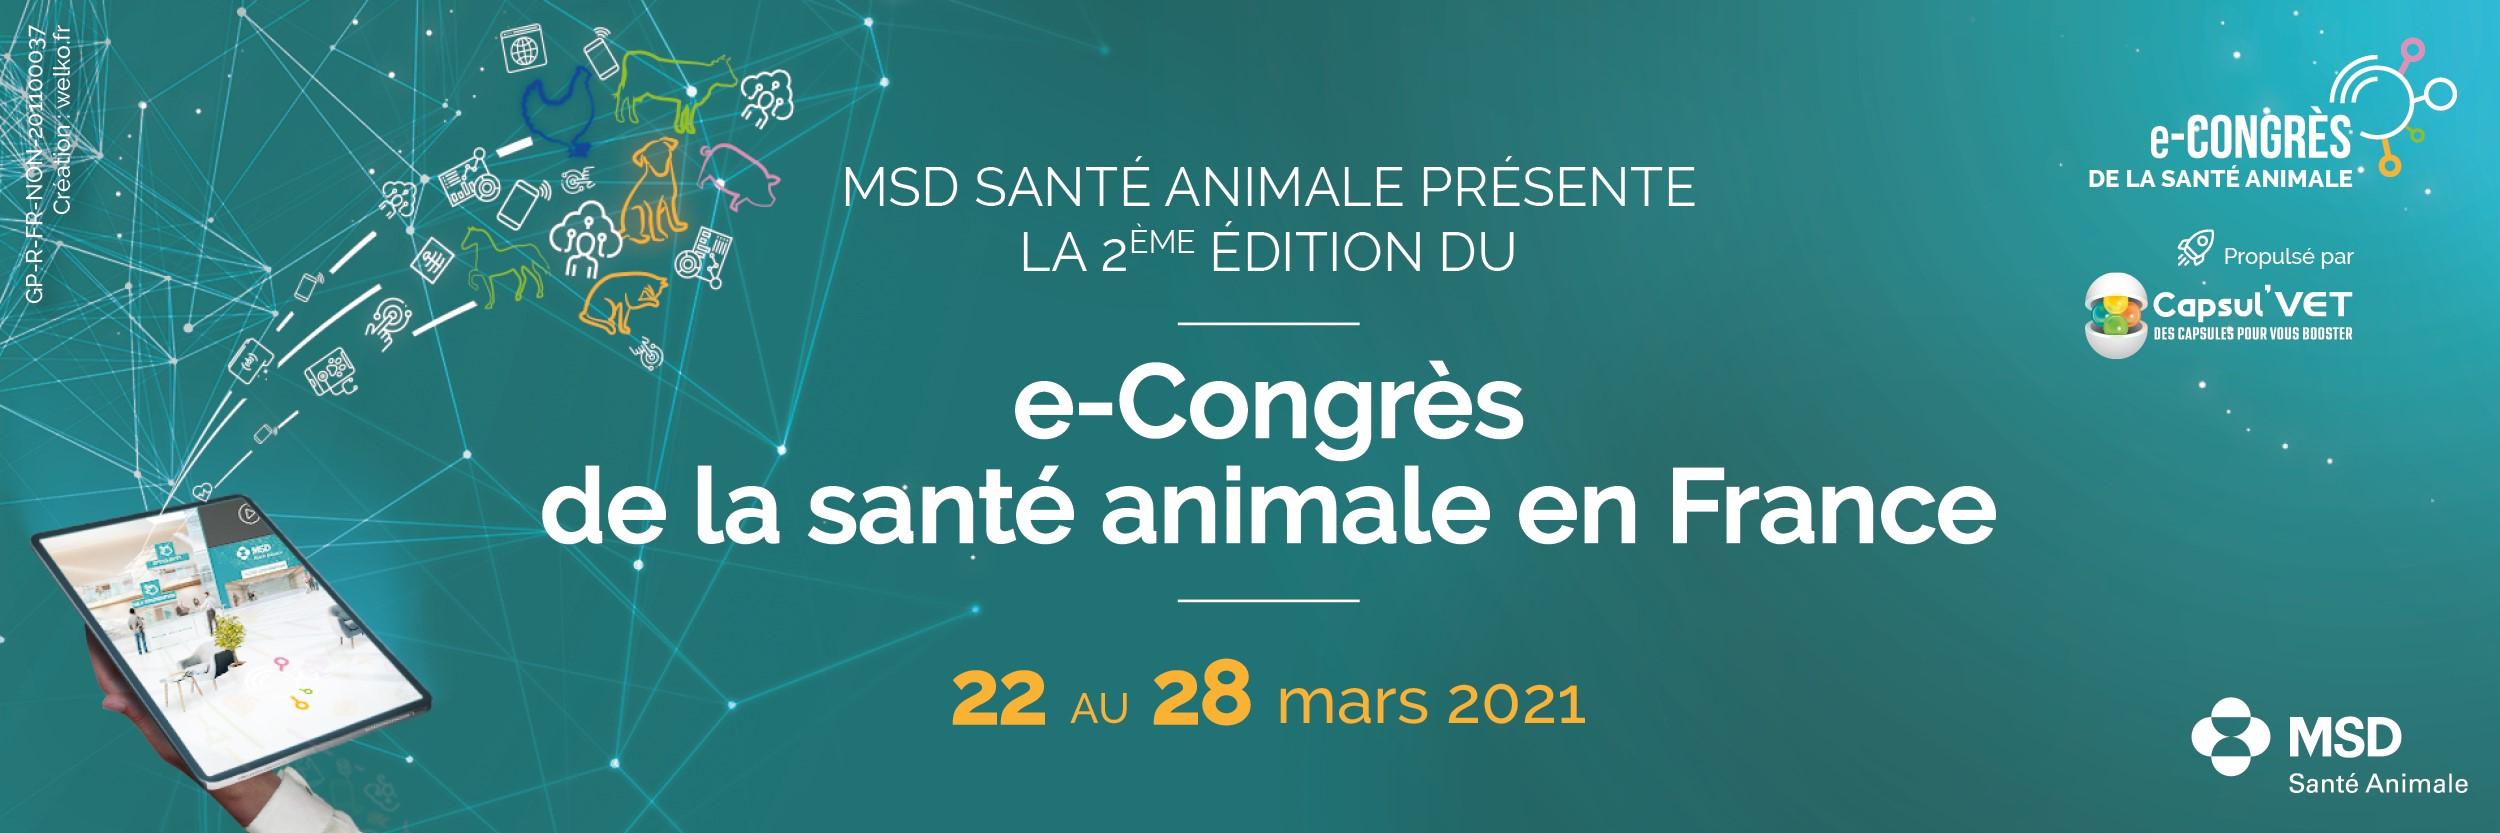 e-Congrès de la Santé Animale 2021: ouverture des inscriptions!